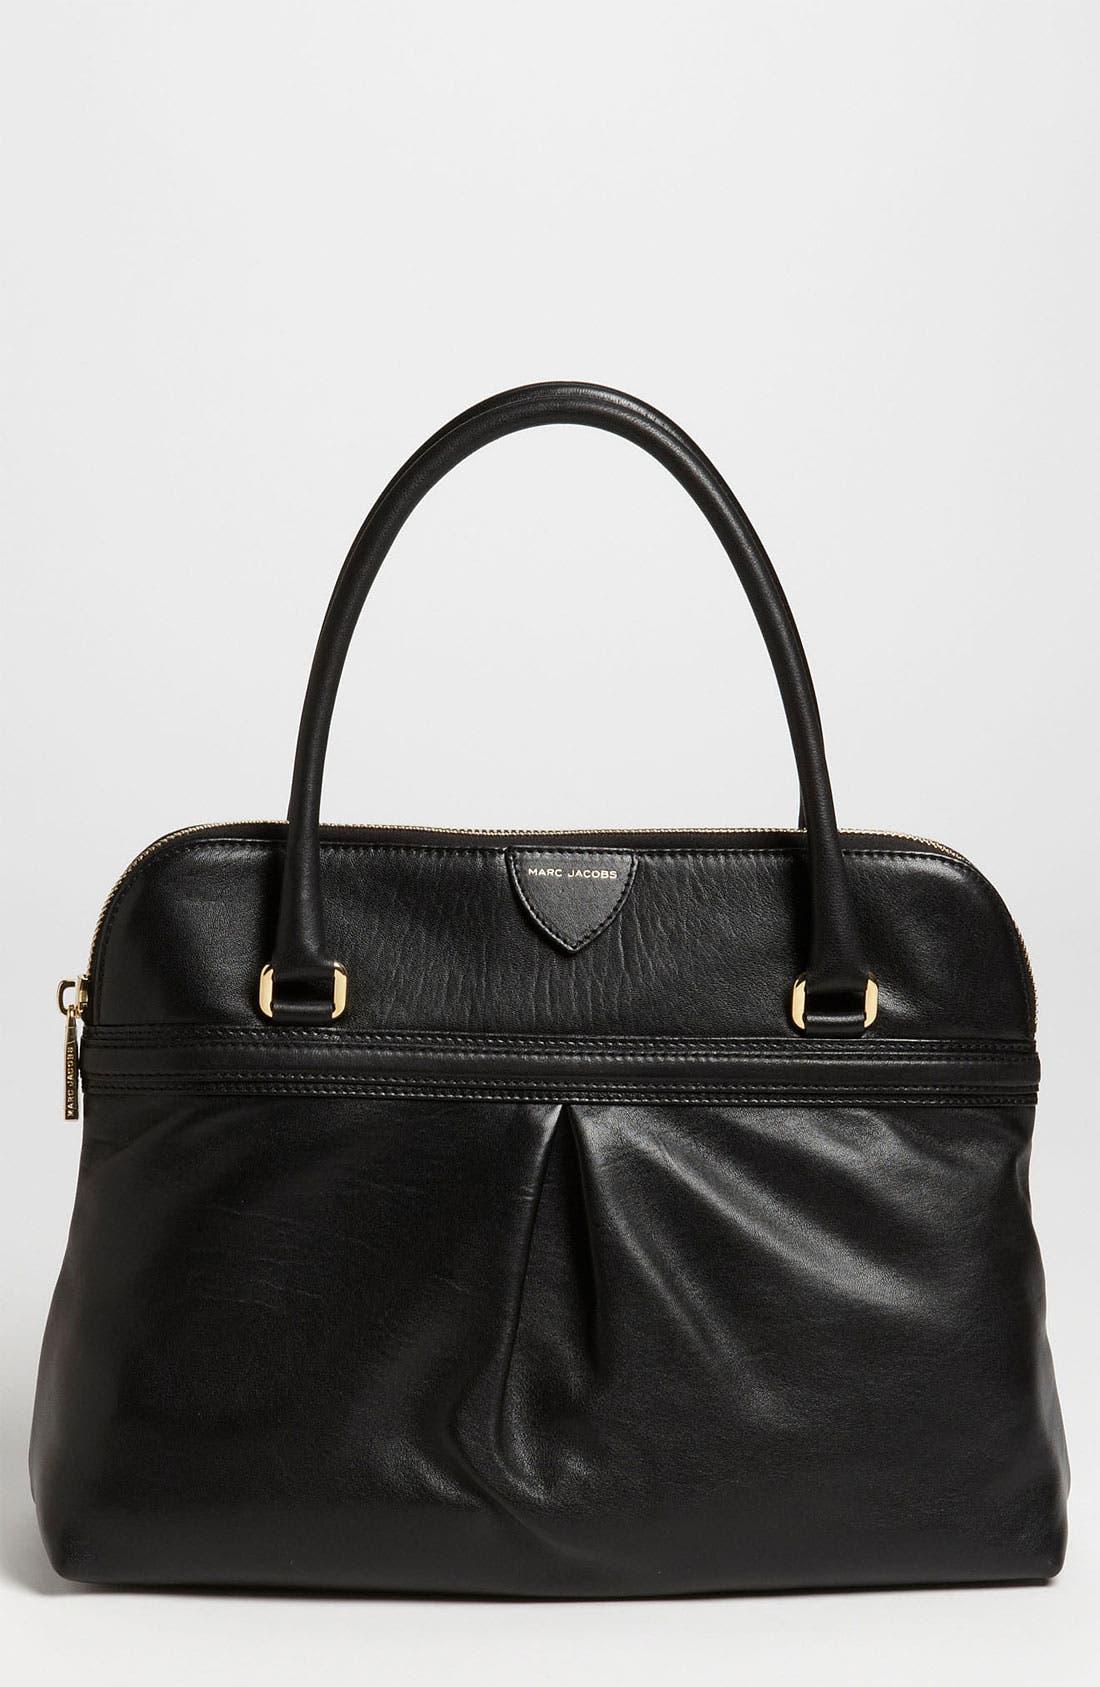 Main Image - MARC JACOBS 'Raleigh' Leather Handbag